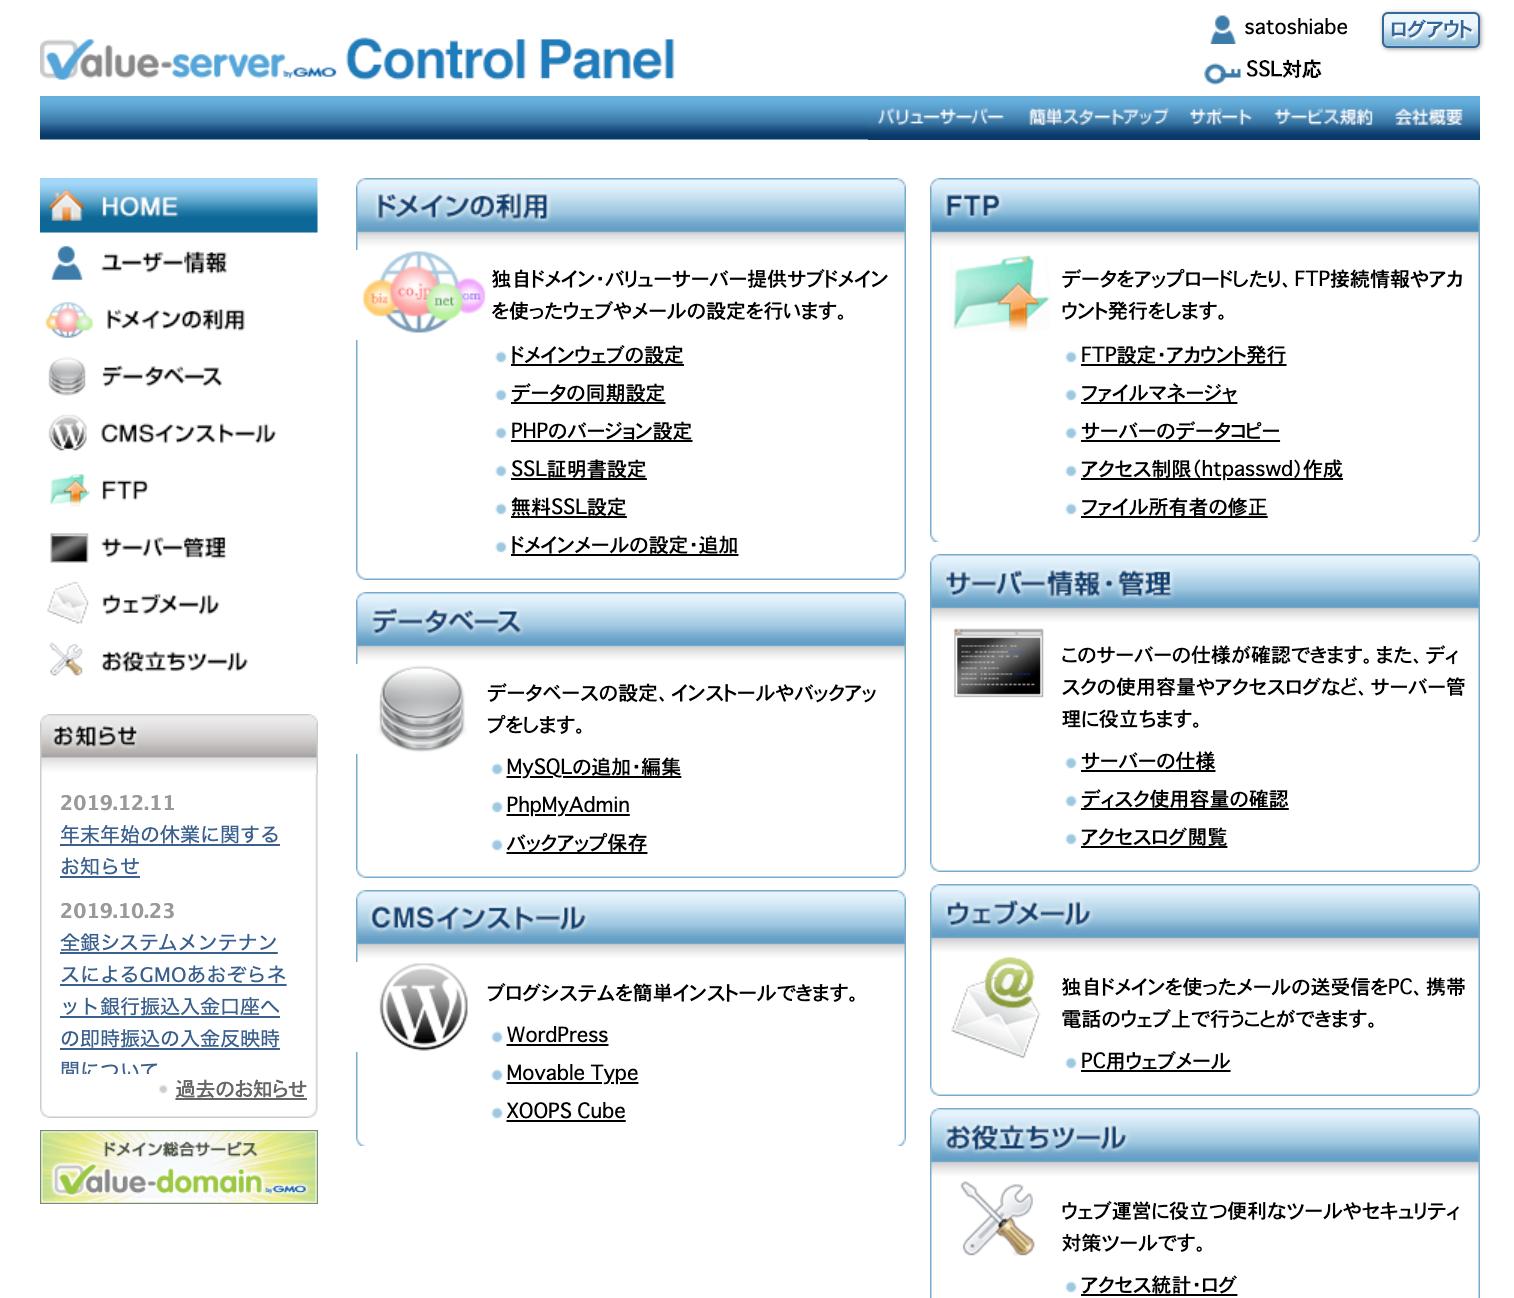 バリューサーバーの使いやすさ・難易度(簡単でシンプルな管理画面)